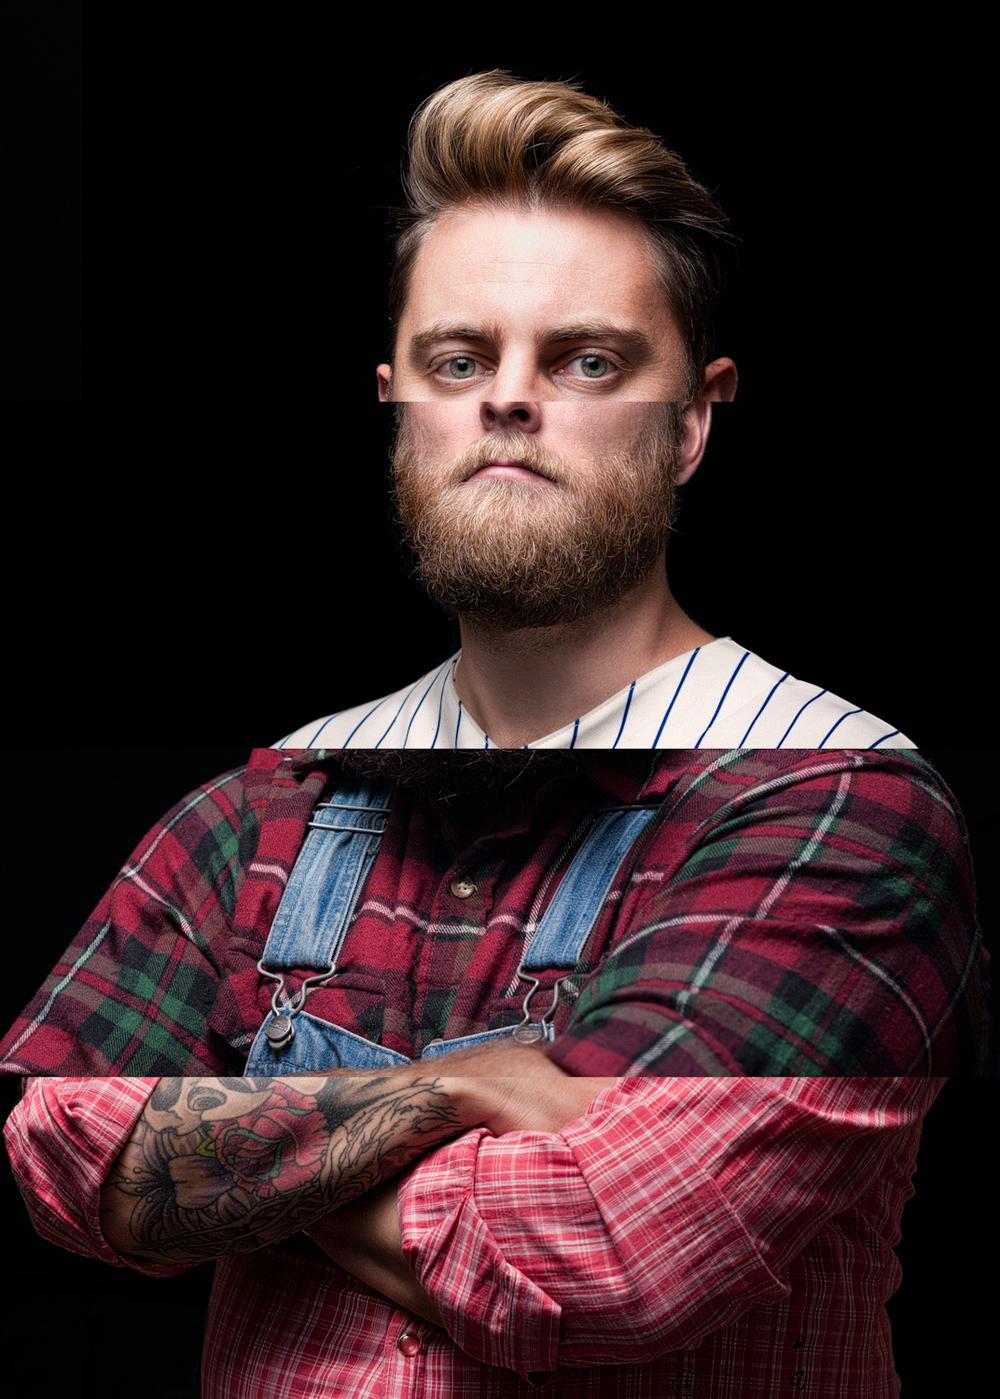 Beard_Preview.jpg